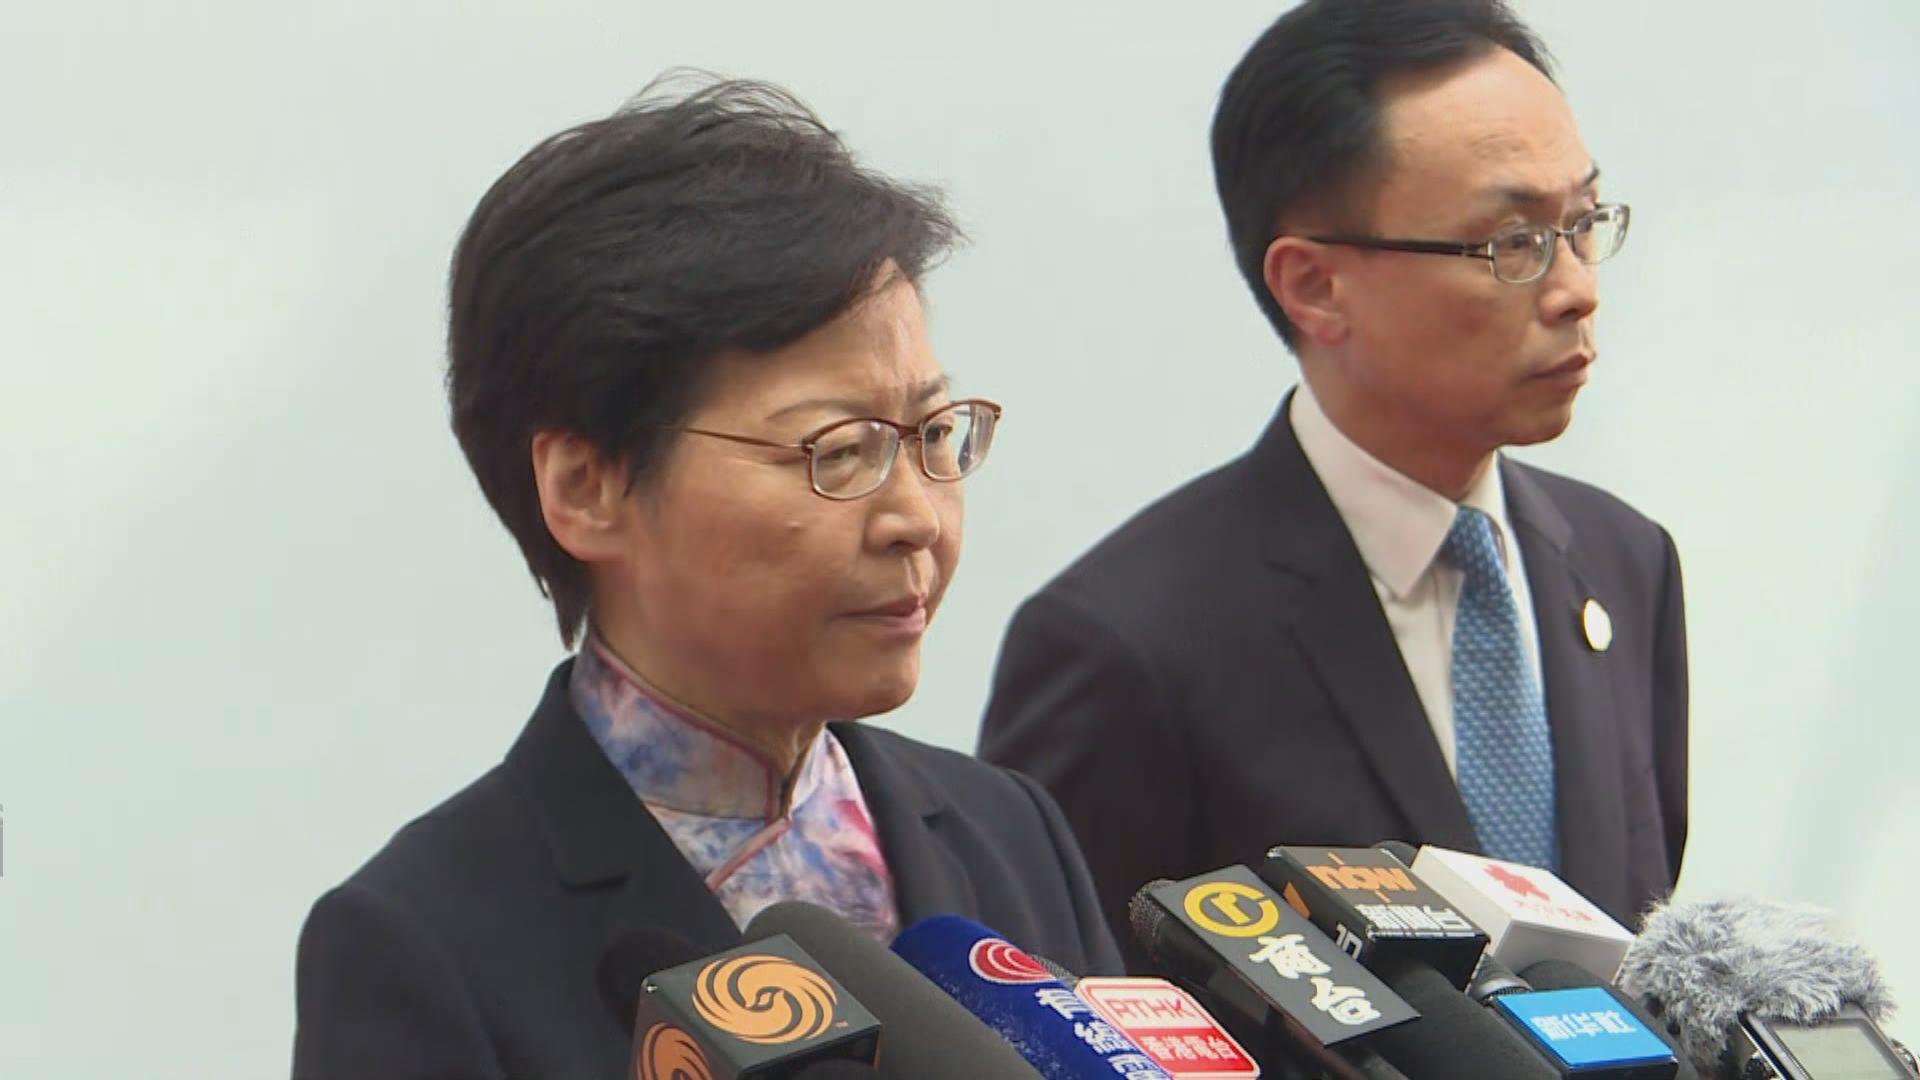 林鄭:不同意惠譽降級 過去數月的事無削弱一國兩制